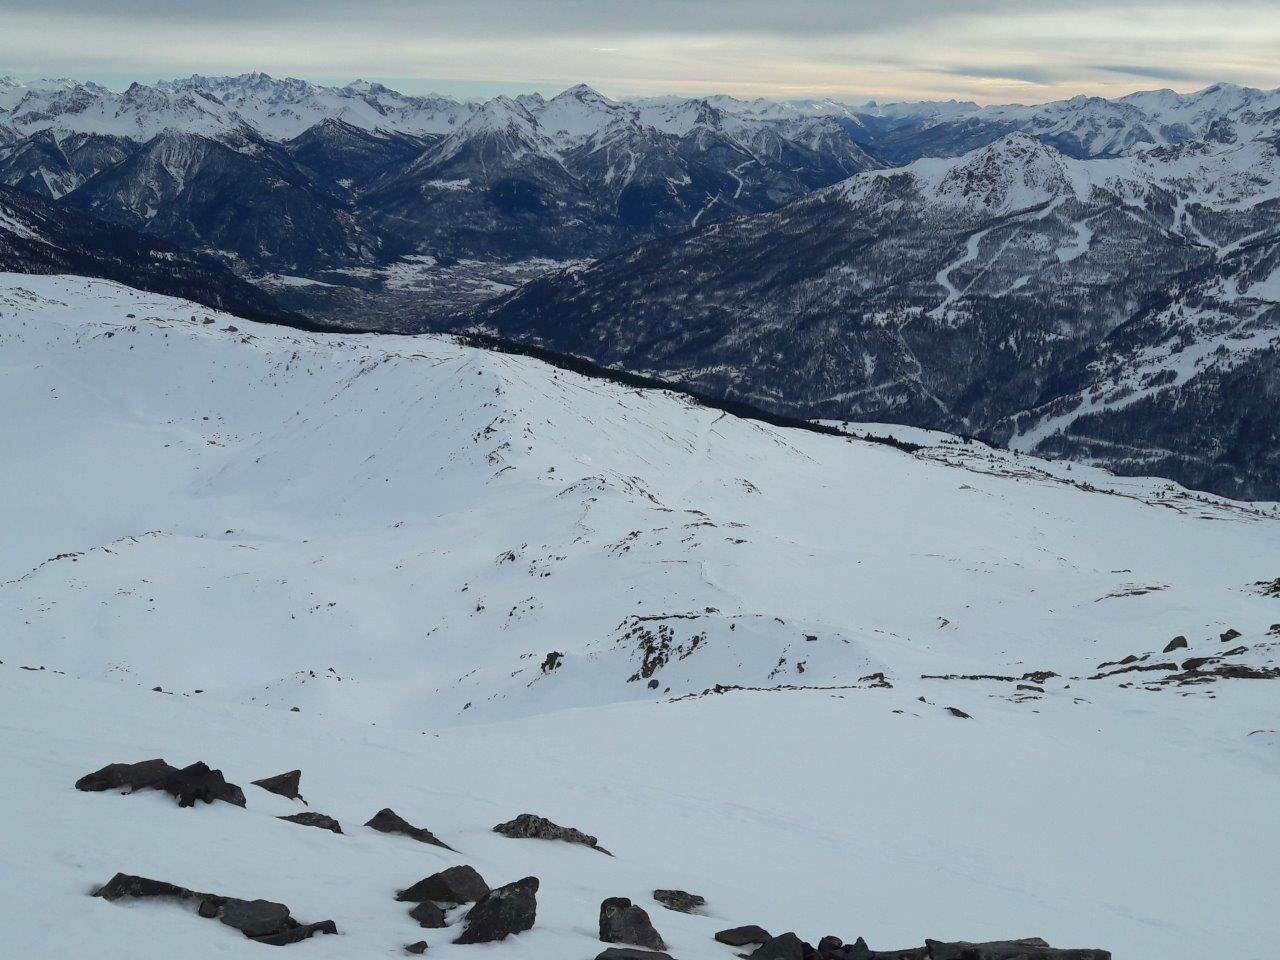 e della parte alta della salita (dai 2000m) con Briancon sullo sfondo